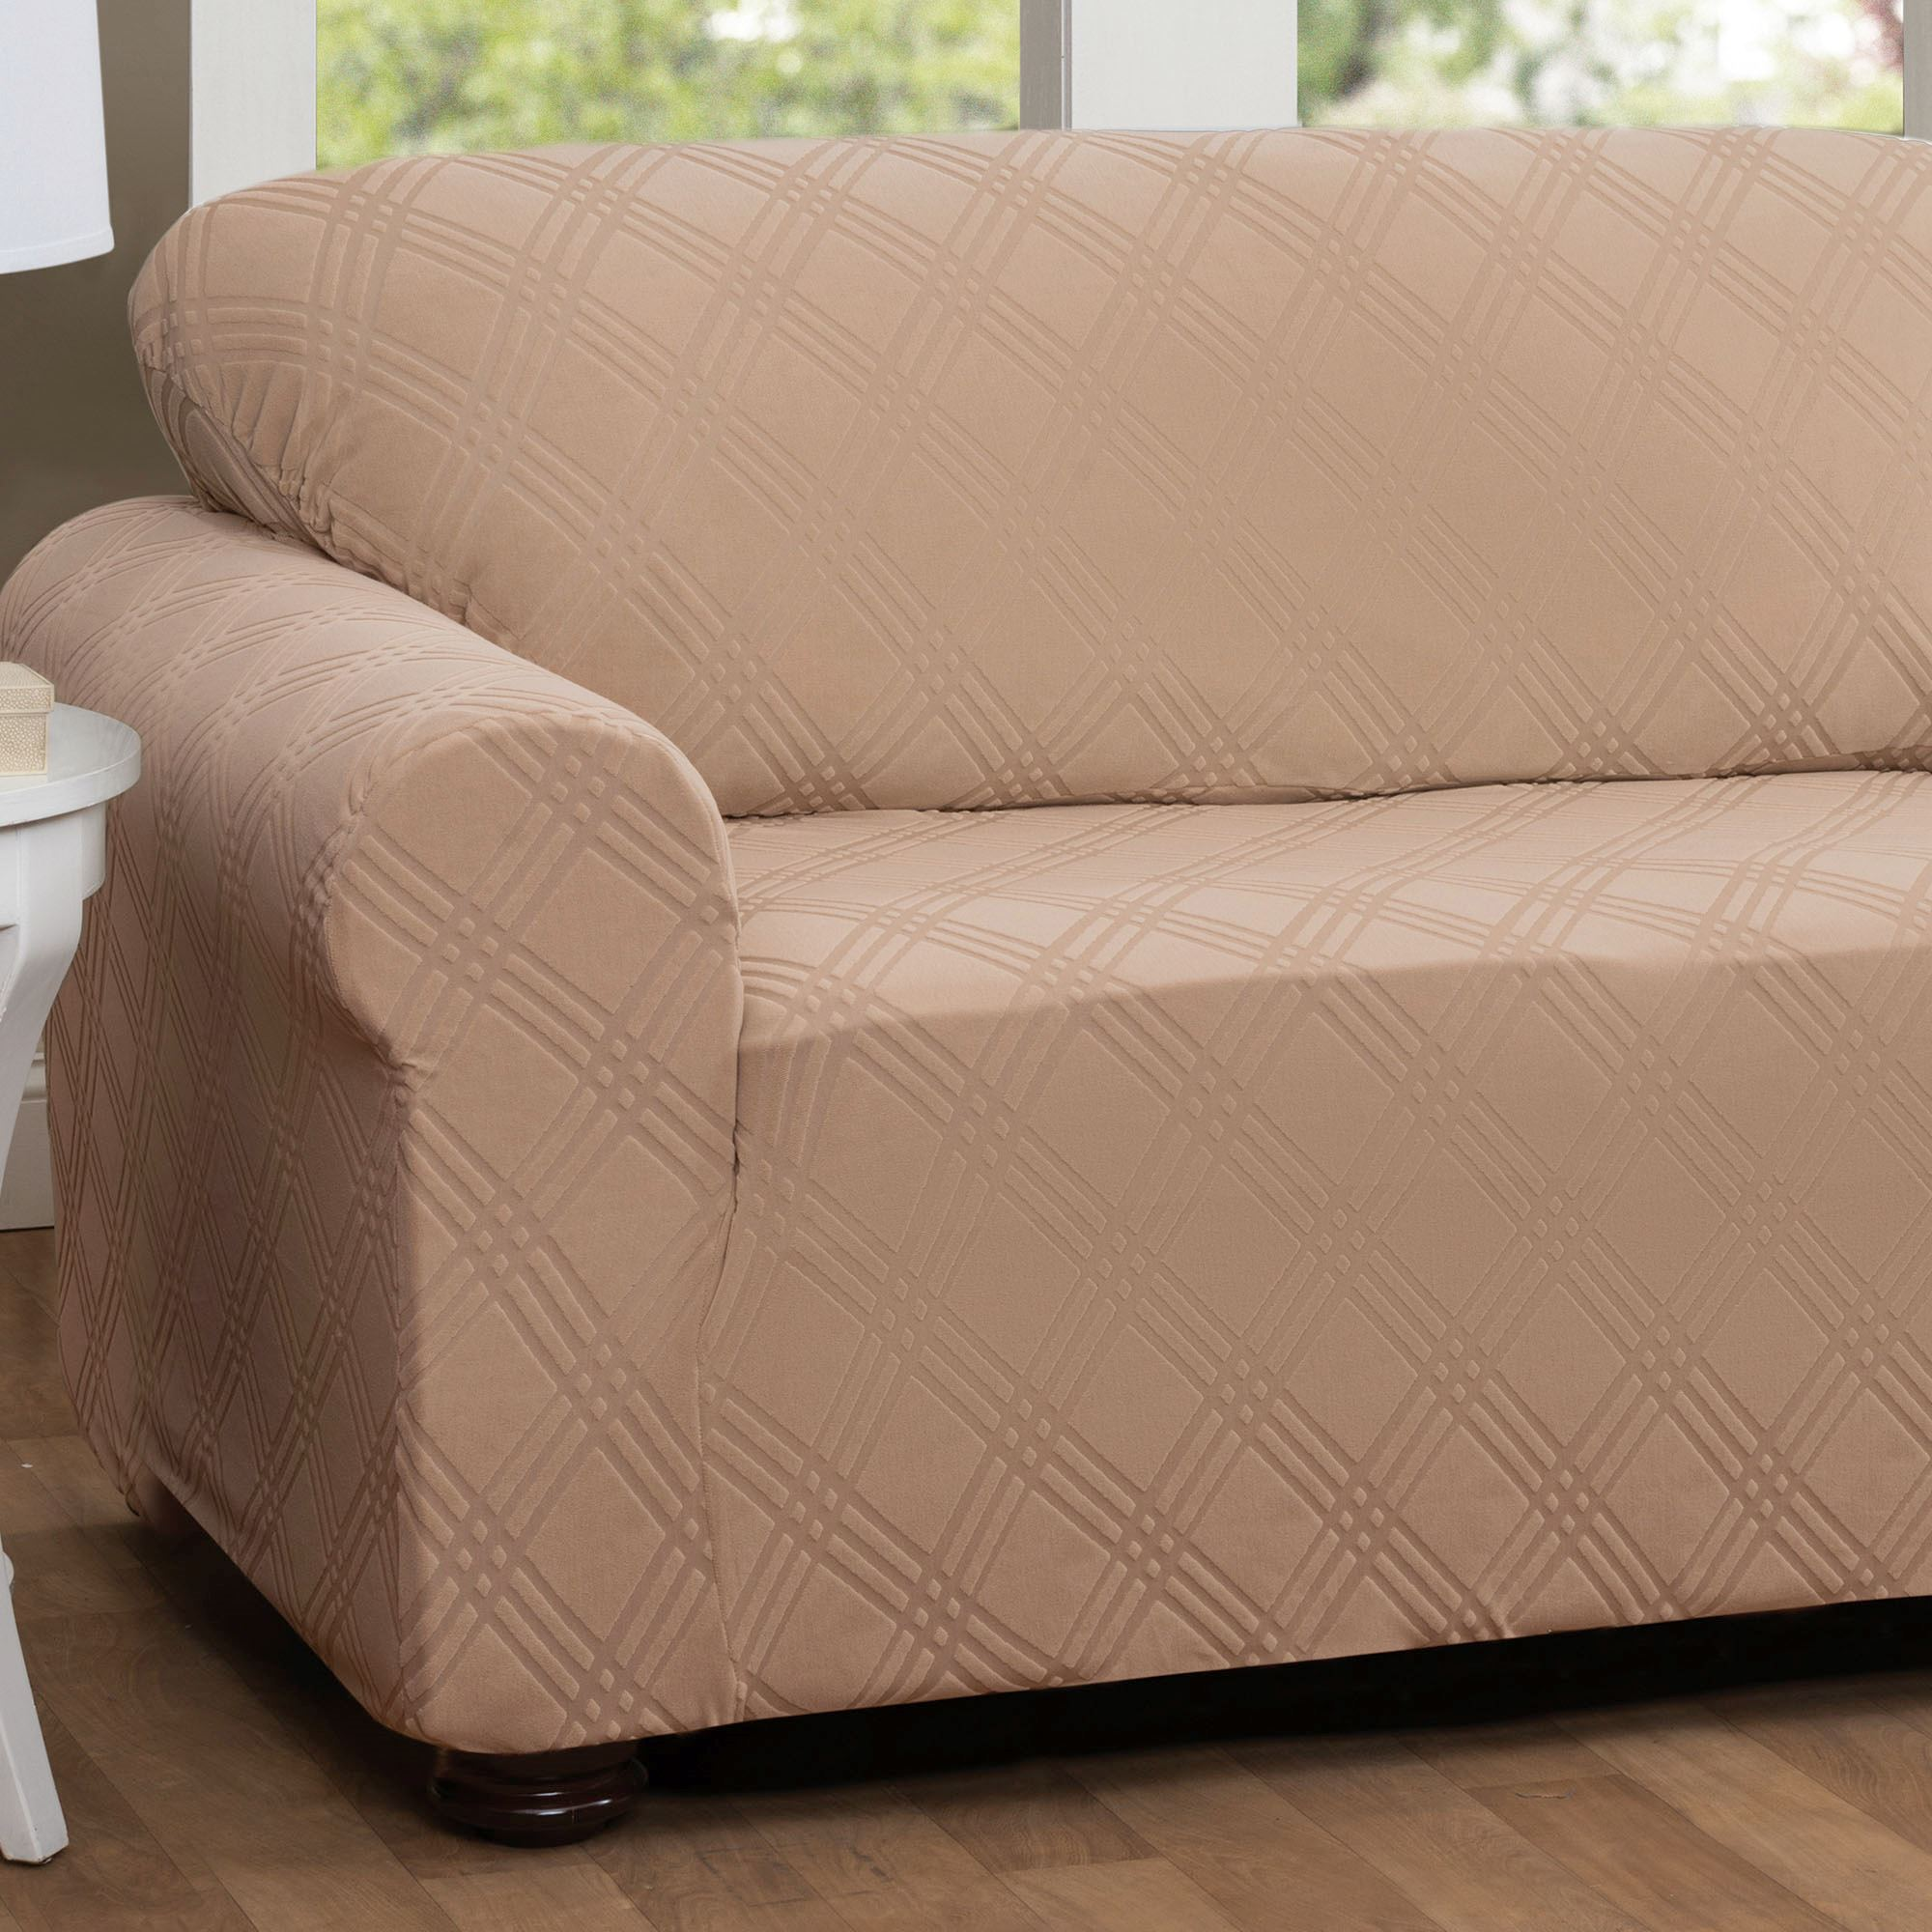 إلى أعلى المشعاع فاسد Double Recliner Sofa Cover Natural Soap Directory Org